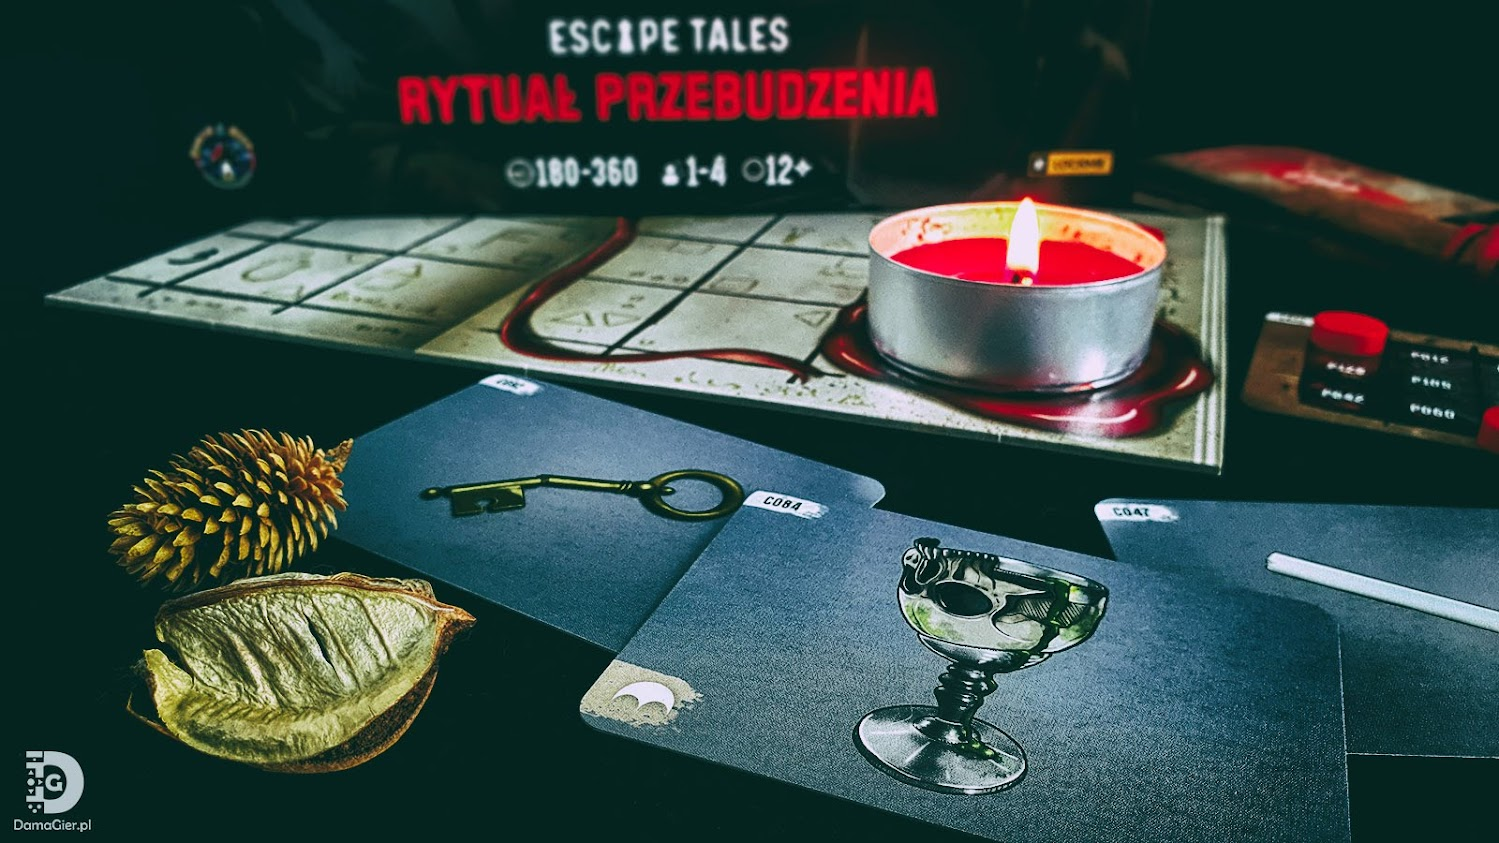 escape tales rytuał przebudzenia recenzja